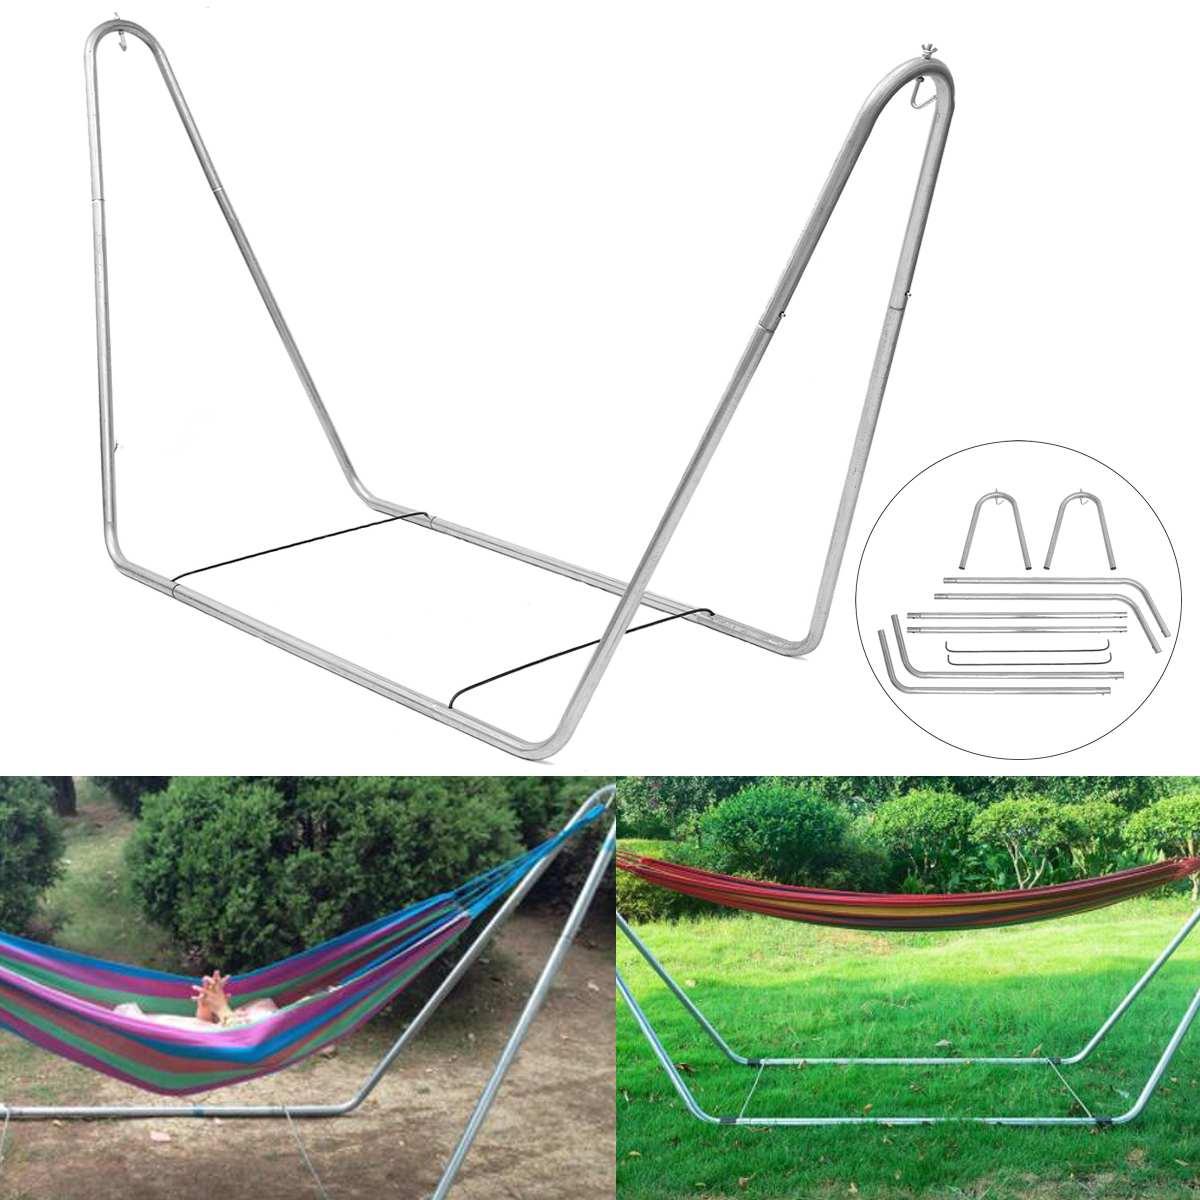 Portable grand jardin Camping Patio extérieur hamac balançoire chaise lit en métal cadre Stand seulement 270*80*120cm